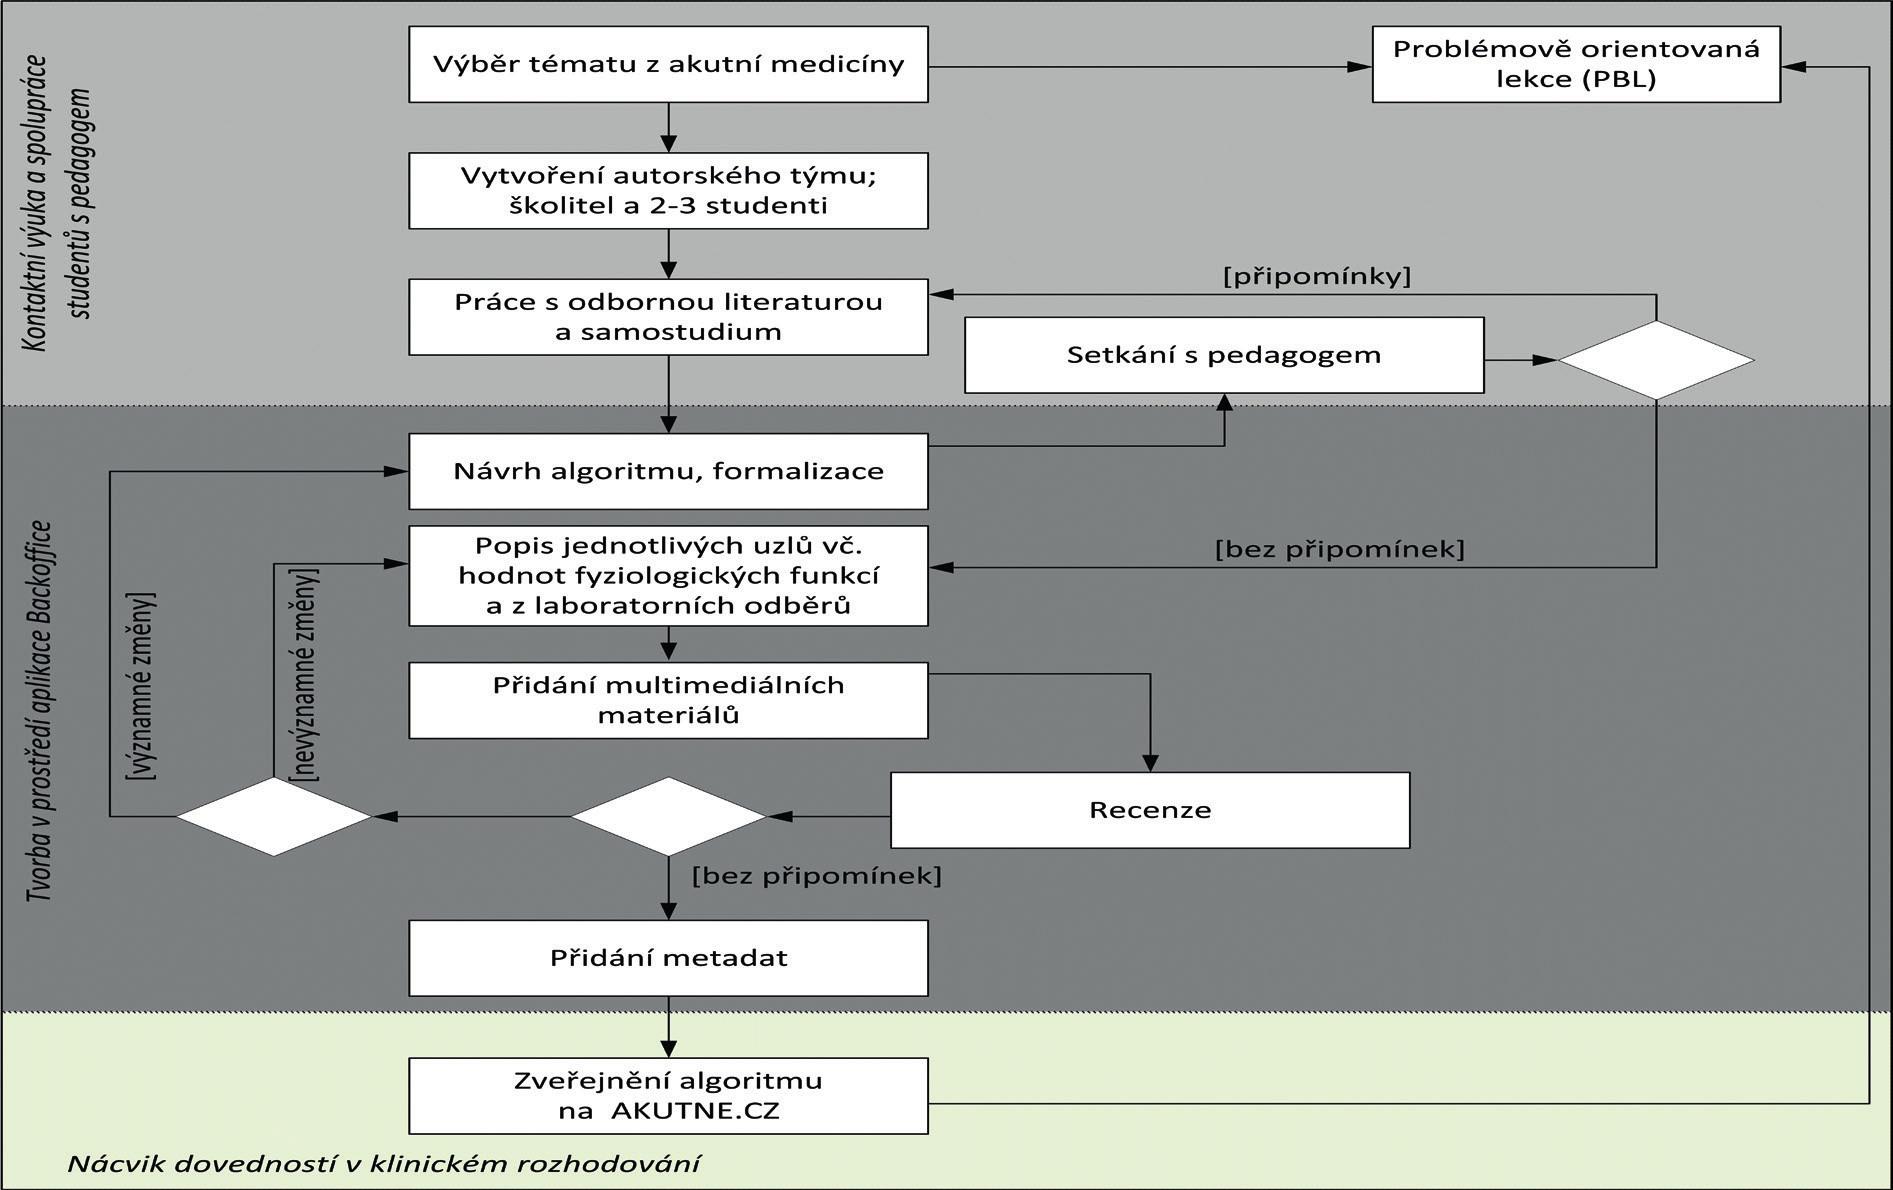 Workflow tvorby interaktivního algoritmu od výběru tématu přes recenzní proces až k zařazení do výuky ve formě moderované Problem-Based Learning lekce